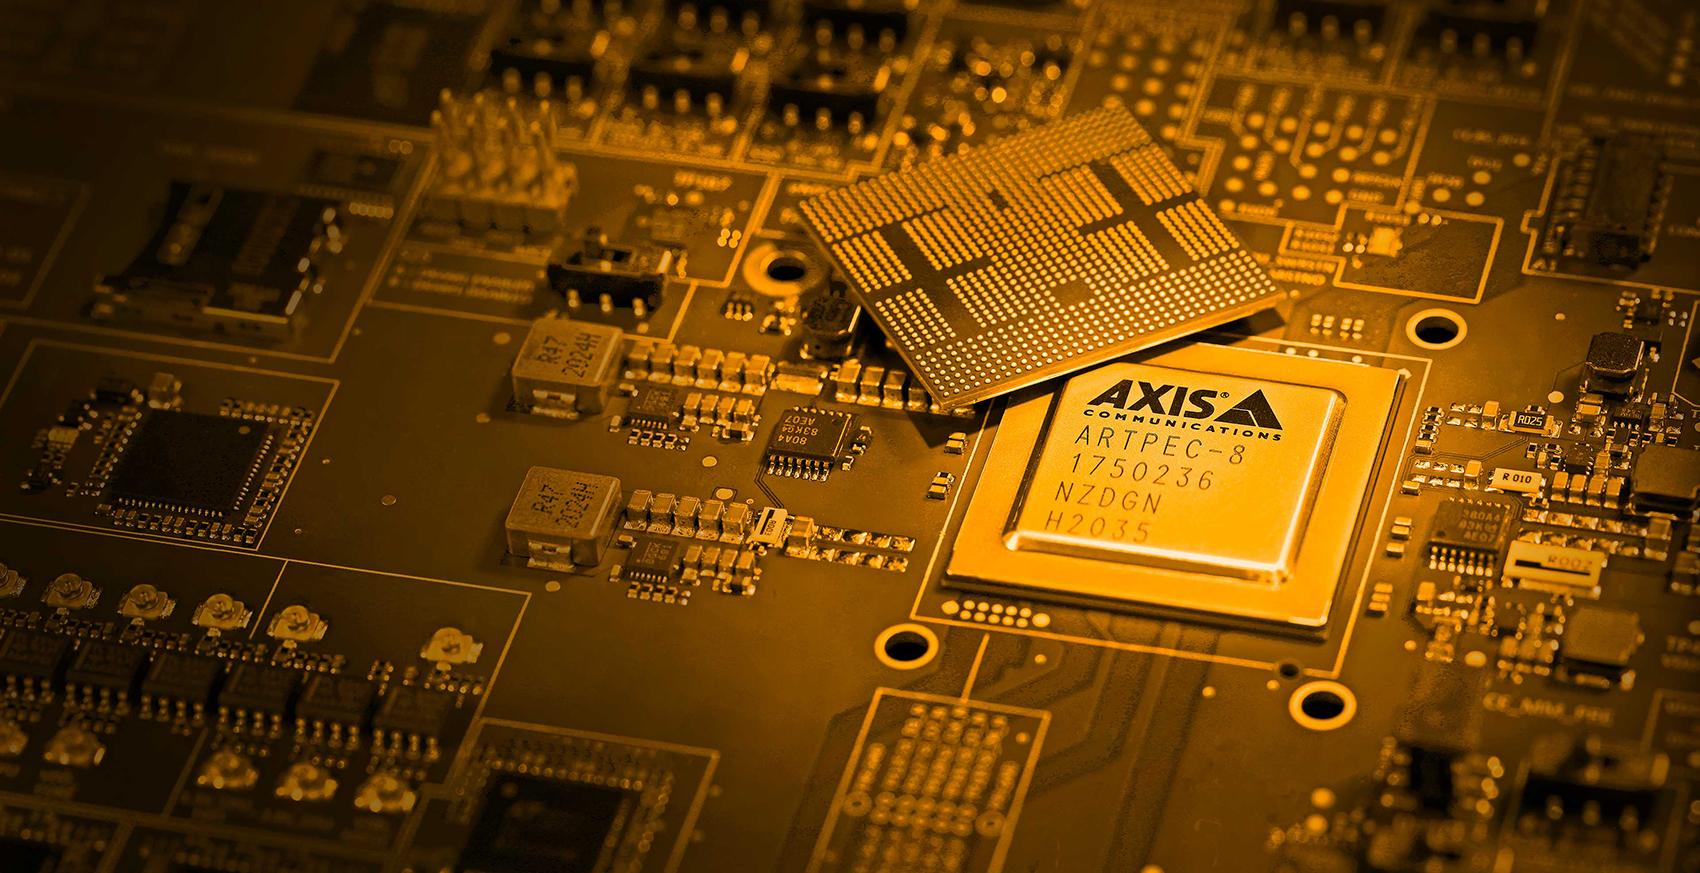 Axis Communications выпустила обновленную версию платформы ACAP и фирменный системный чип нового поколения ARTPEC-8 с поддержкой аналитики на базе глубокого обучения